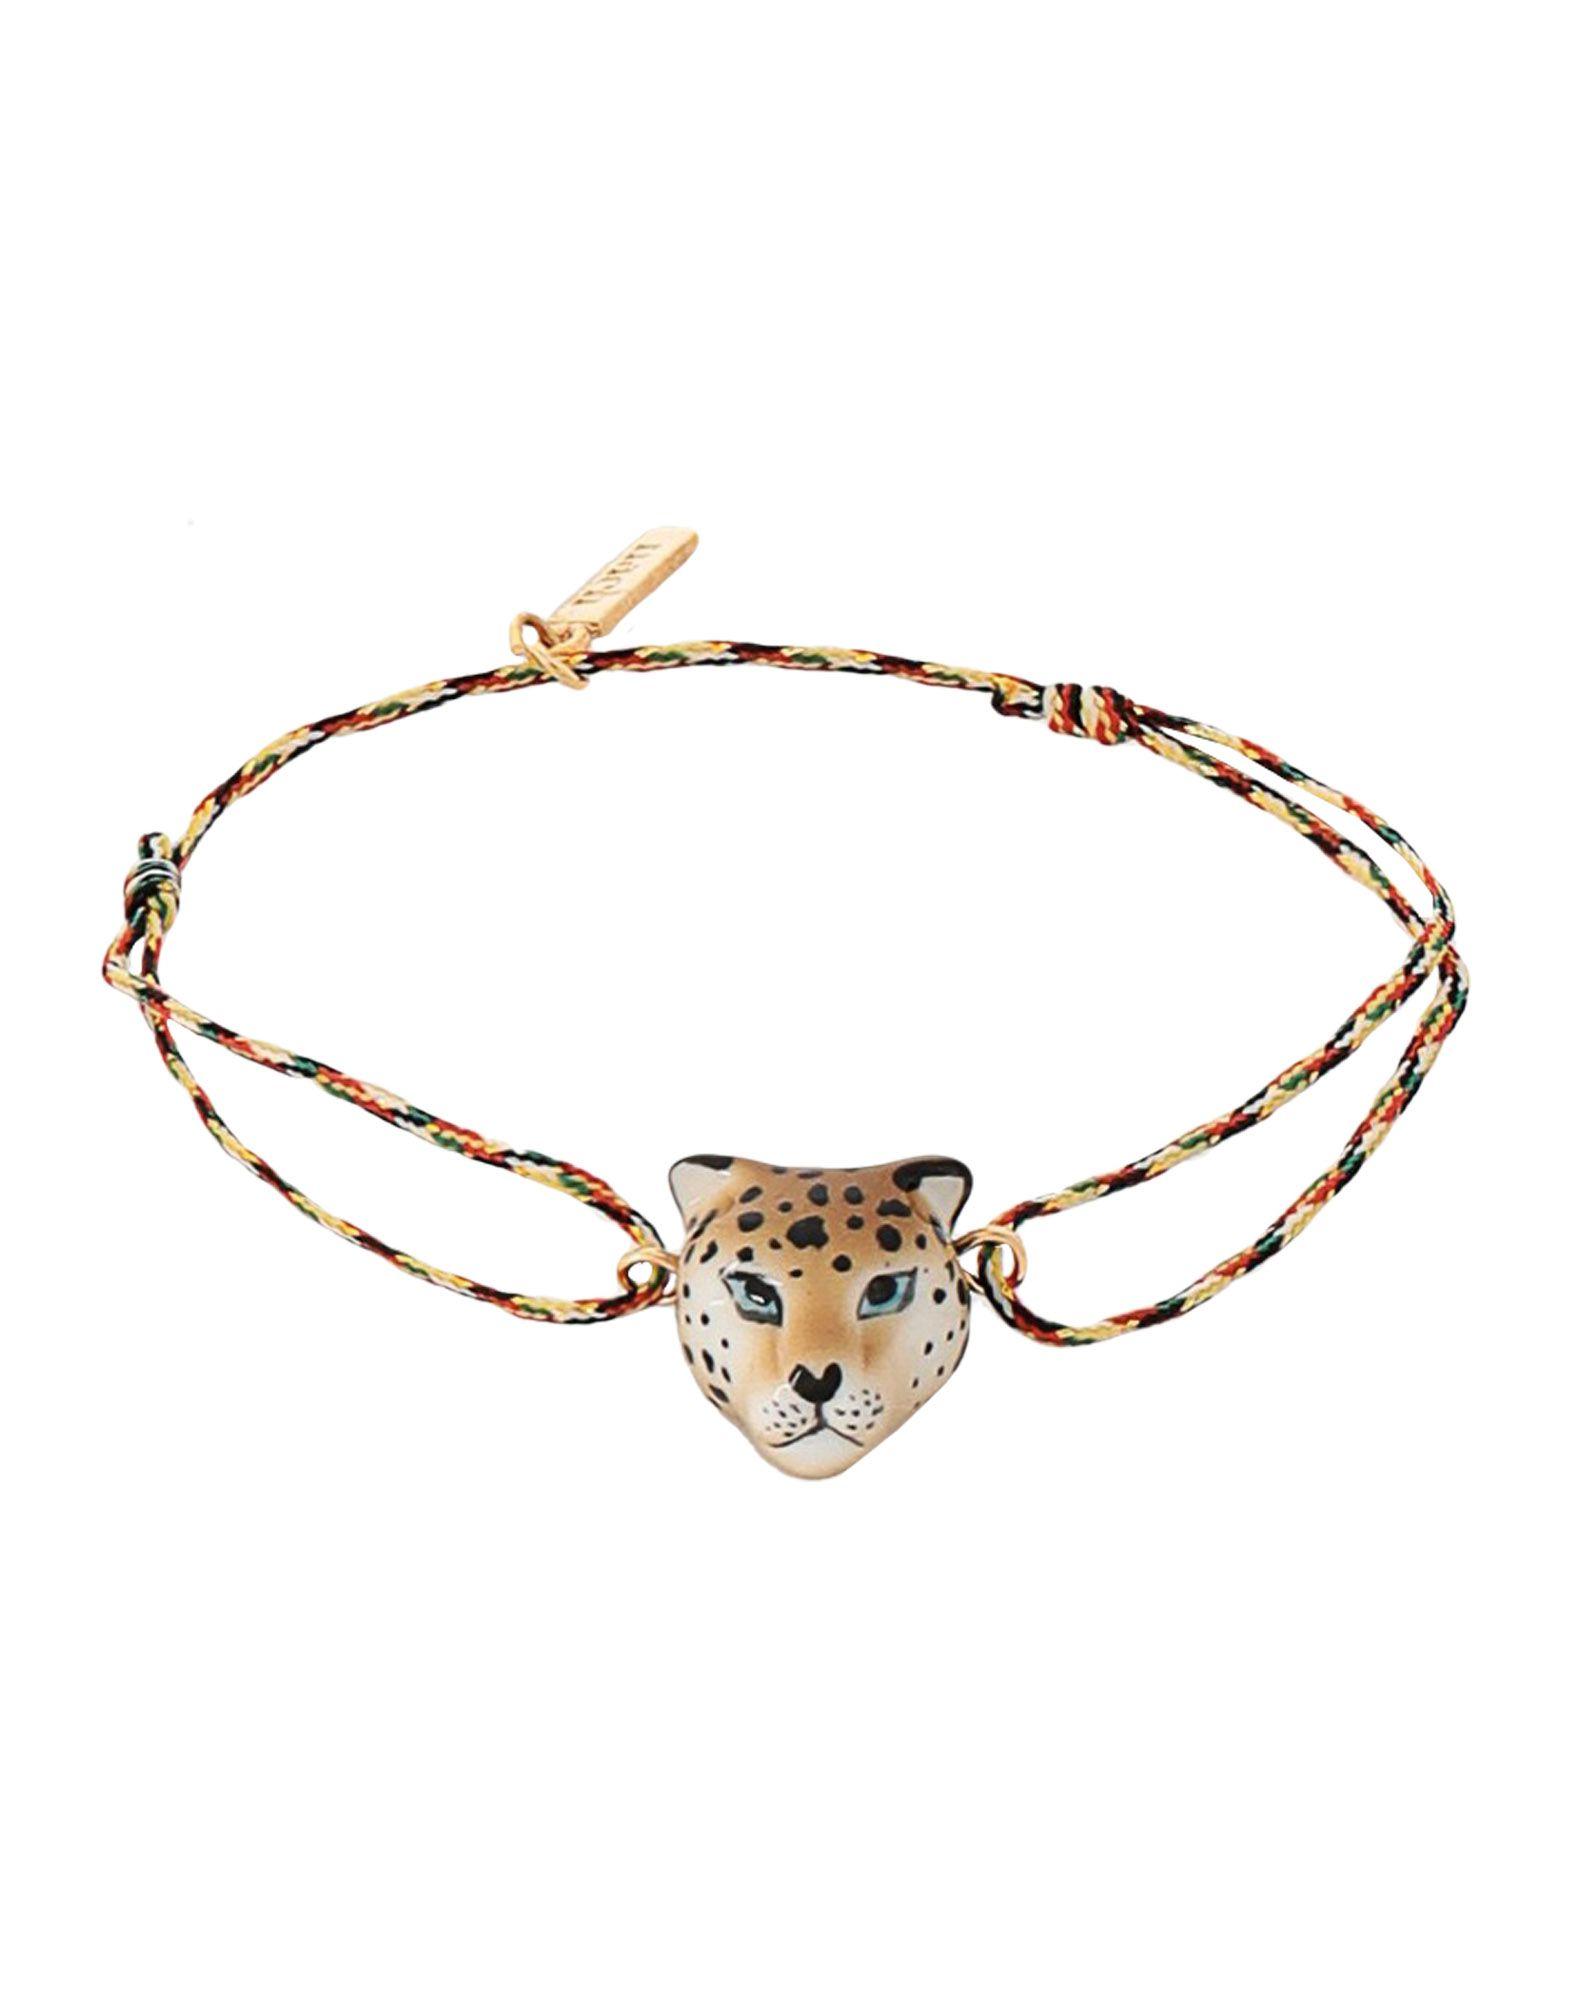 《セール開催中》NACH レディース ブレスレット ベージュ セラミック 80% / ストリング 18% / 真鍮/ブラス 2% Leopard Multicolor charm's BRACELET